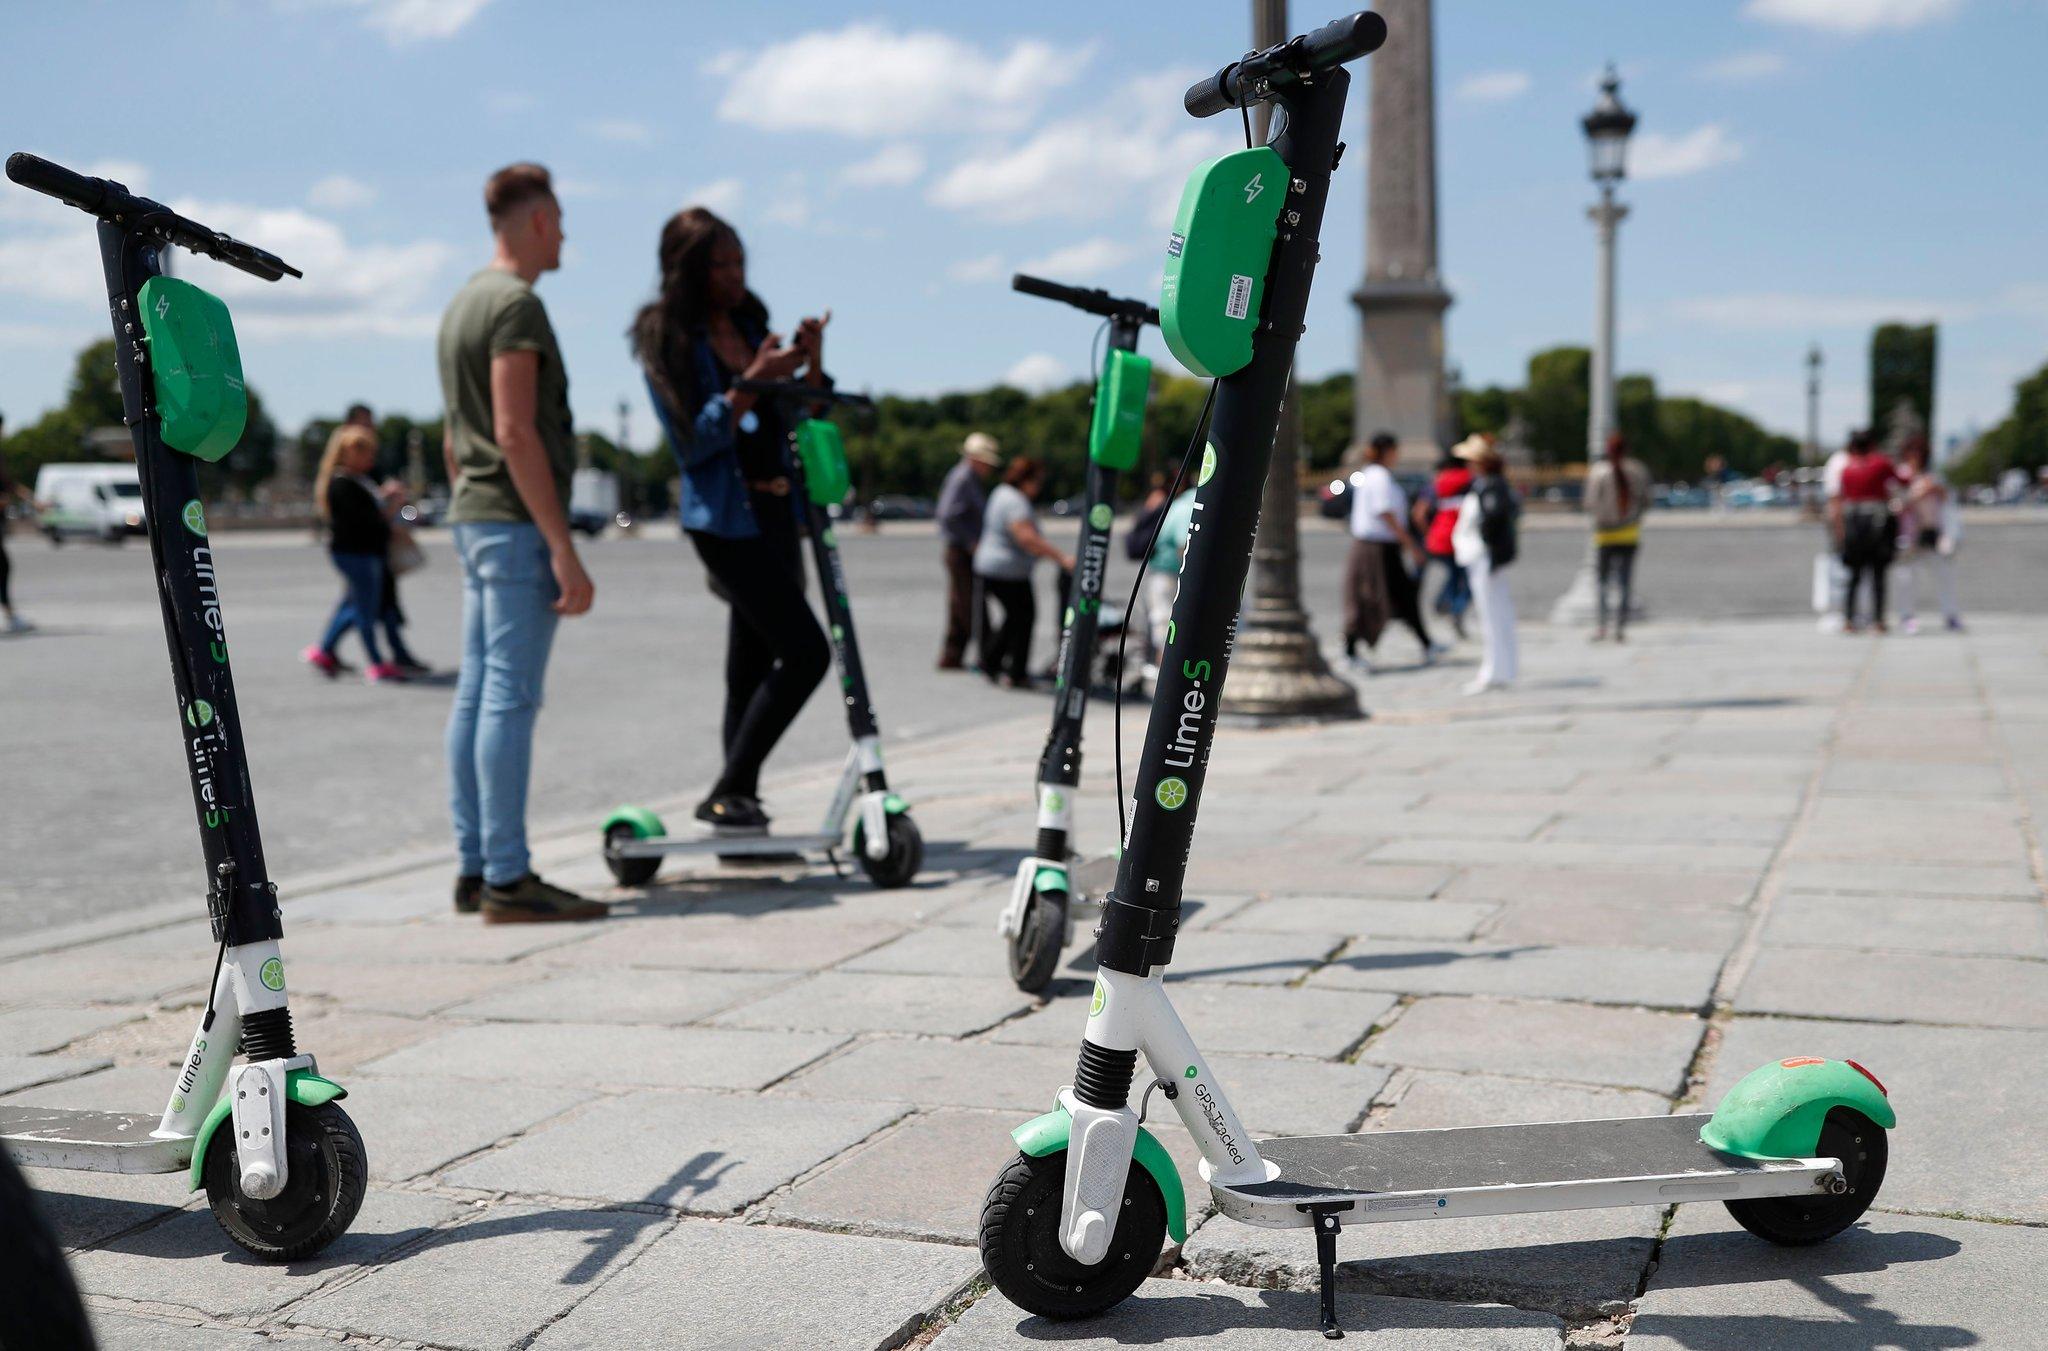 Власти Копенгагена запретят аренду электросамокатов. Они мешают передвигаться пожилым людям